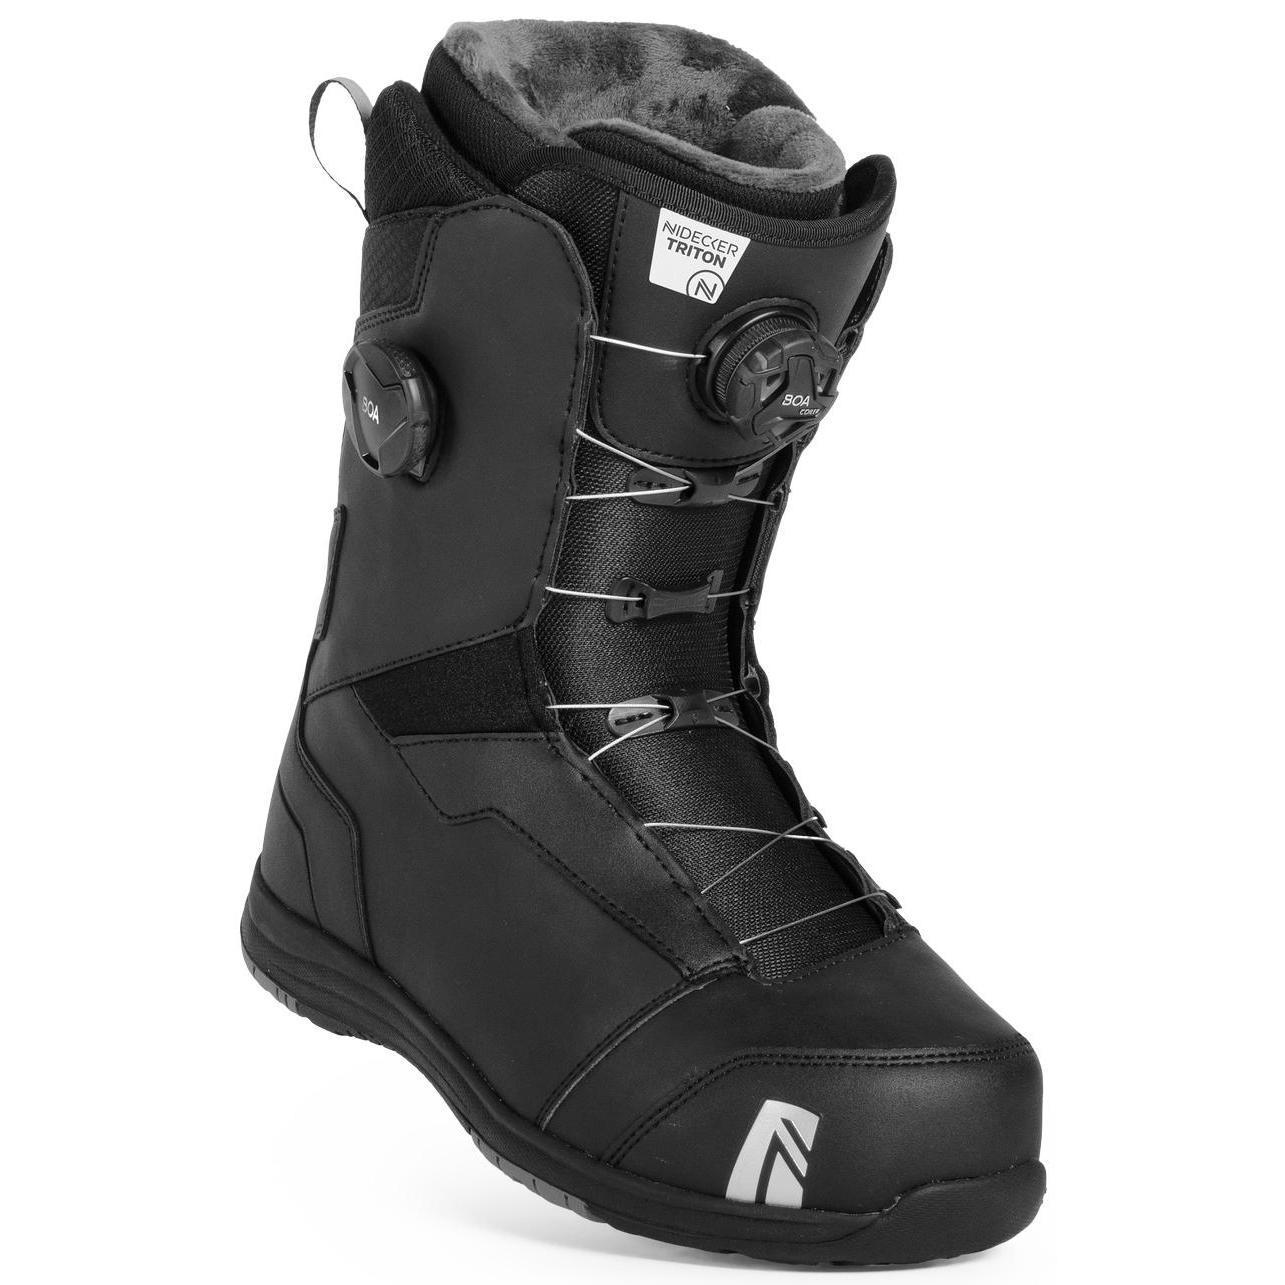 Ботинки для сноуборда NIDECKER 2018-19 Triton Boa Fcs Black - купить ... 911e6718347